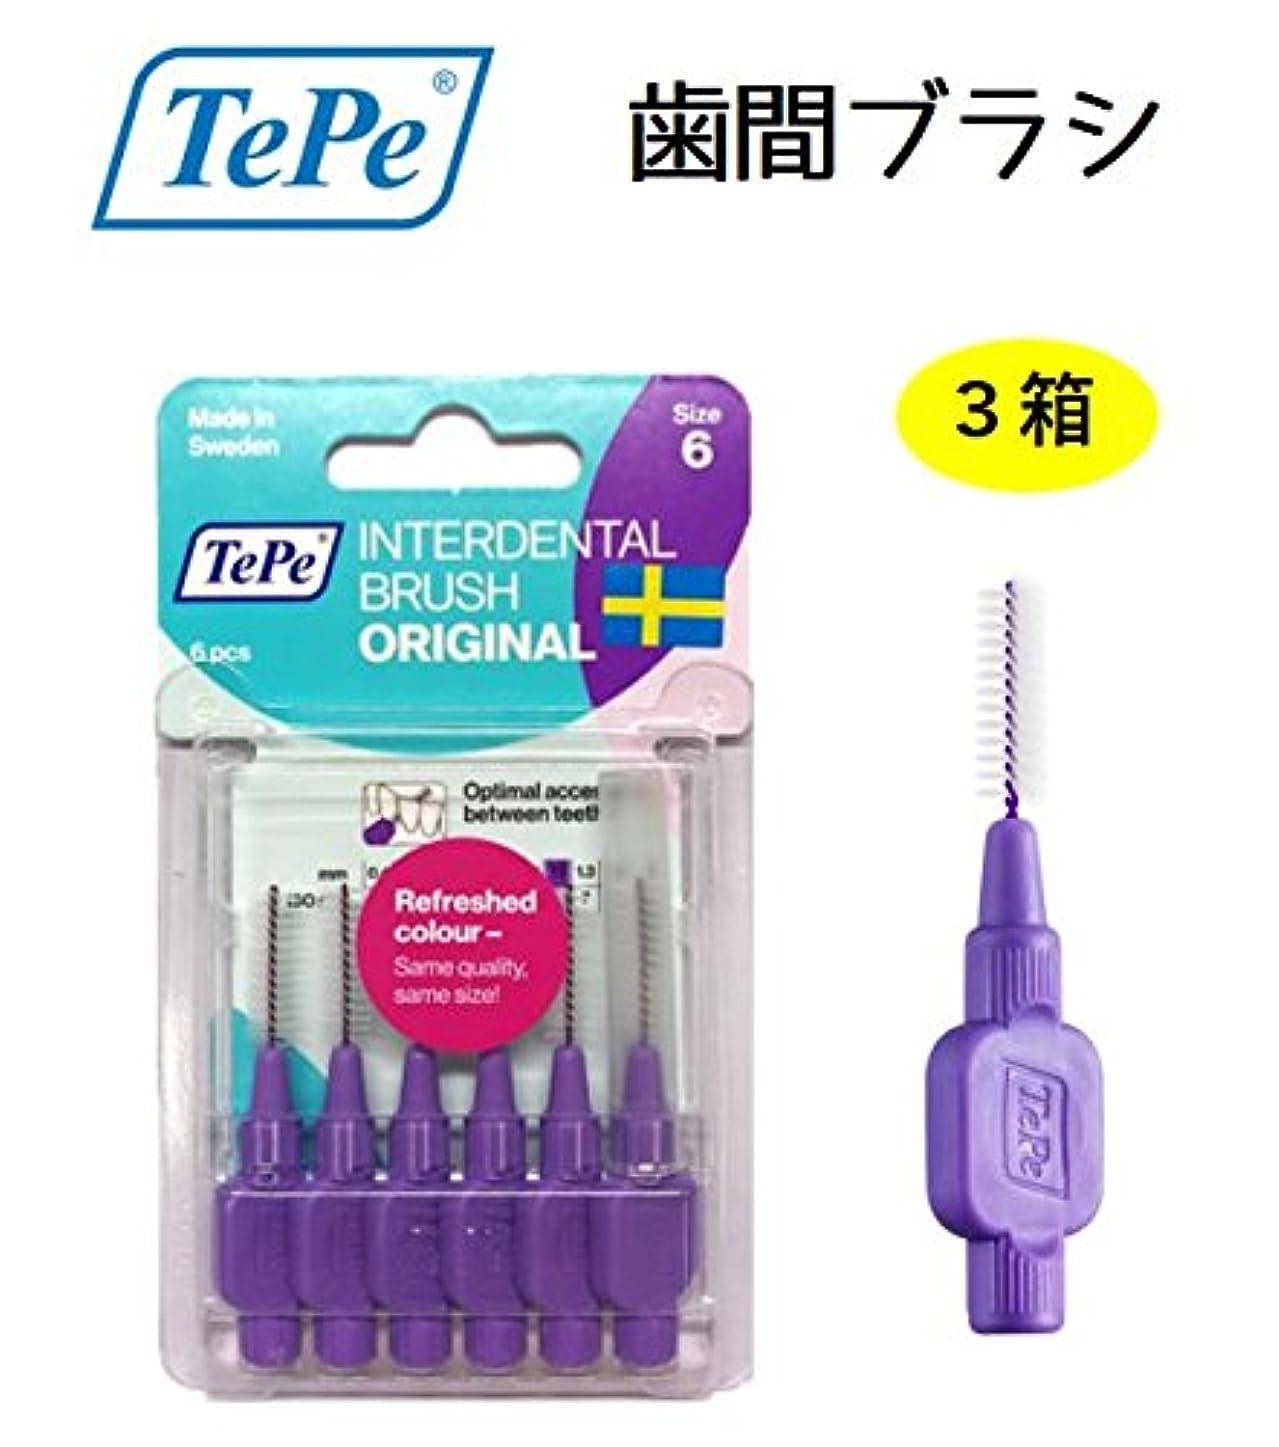 回る不規則性優遇テペ 歯間プラシ 1.1mm ブリスターパック 3パック TePe IDブラシ